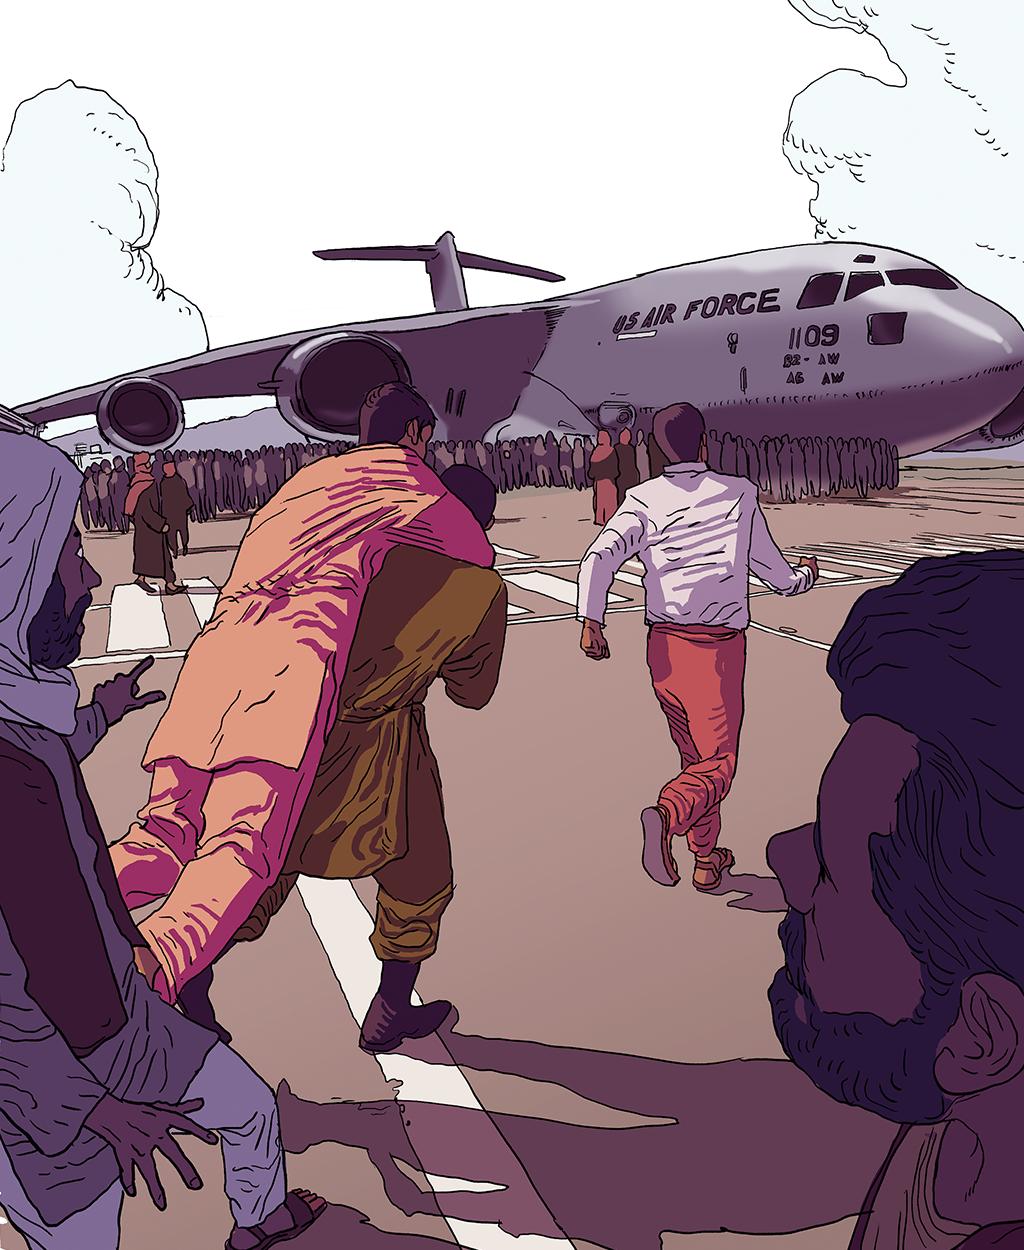 Ilustração mulhares de afegãos tentando fugir do país em avião militar americano.